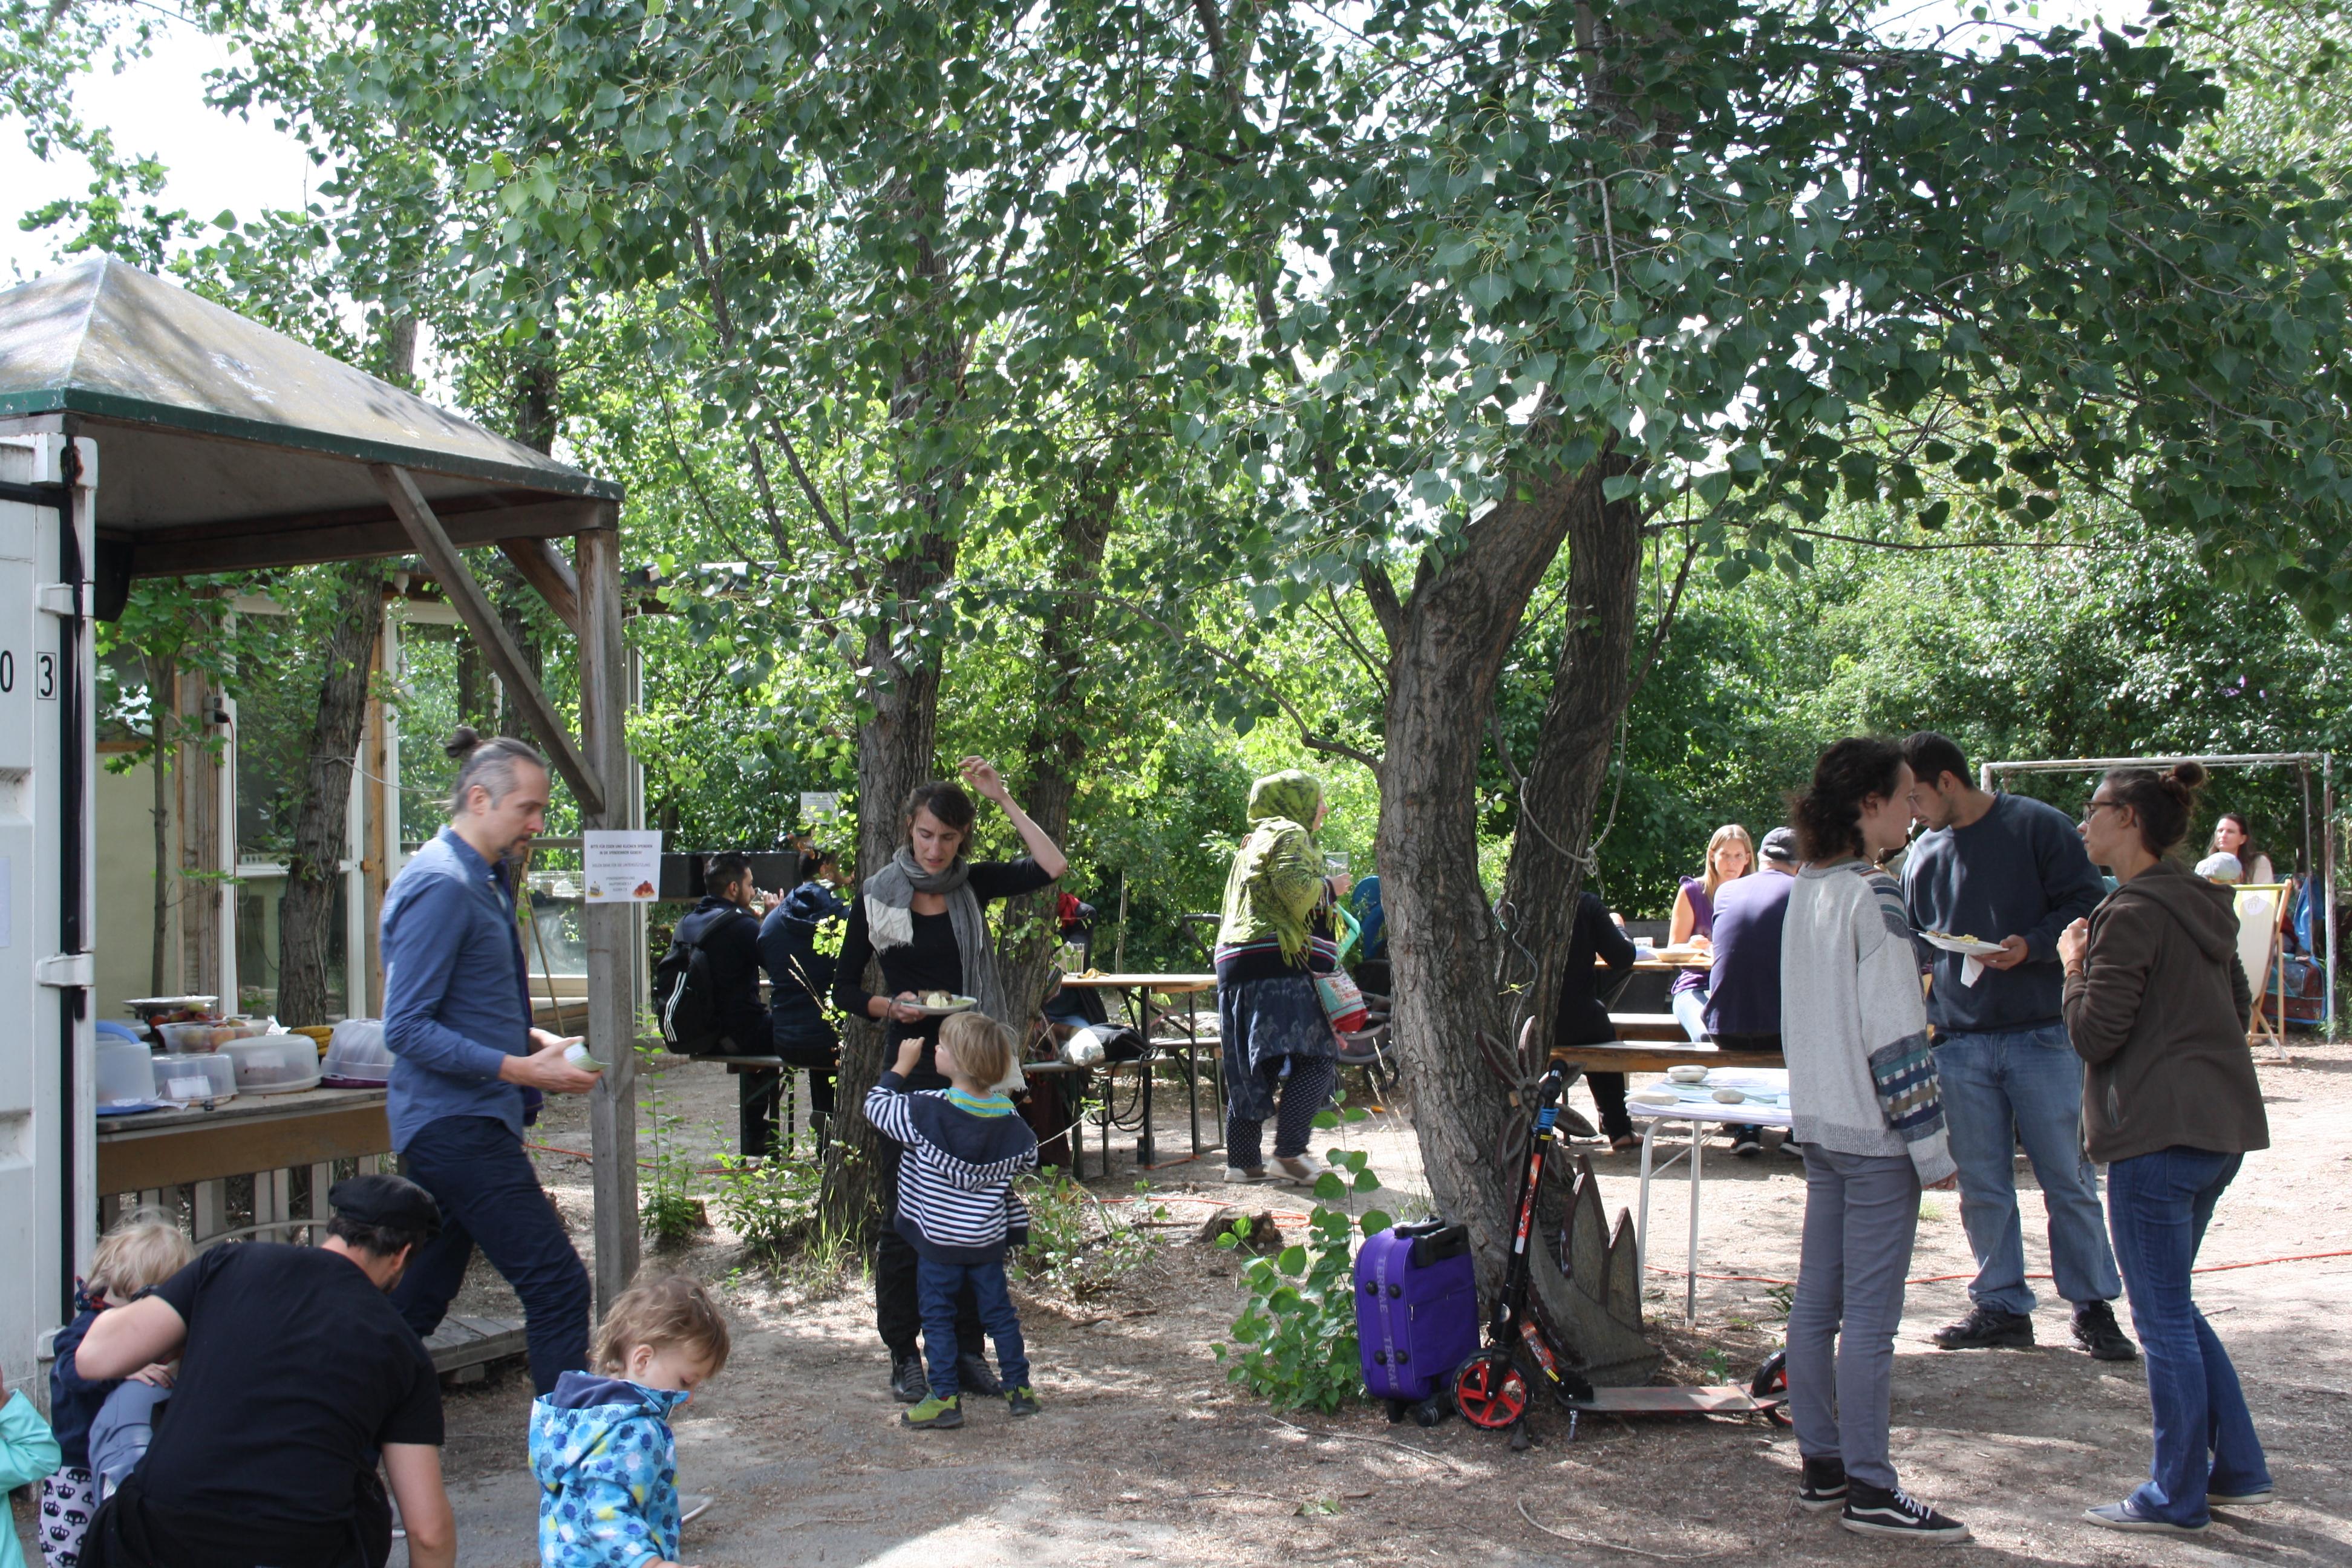 Gartenfest auf der tBASE am 15. 06. 2019